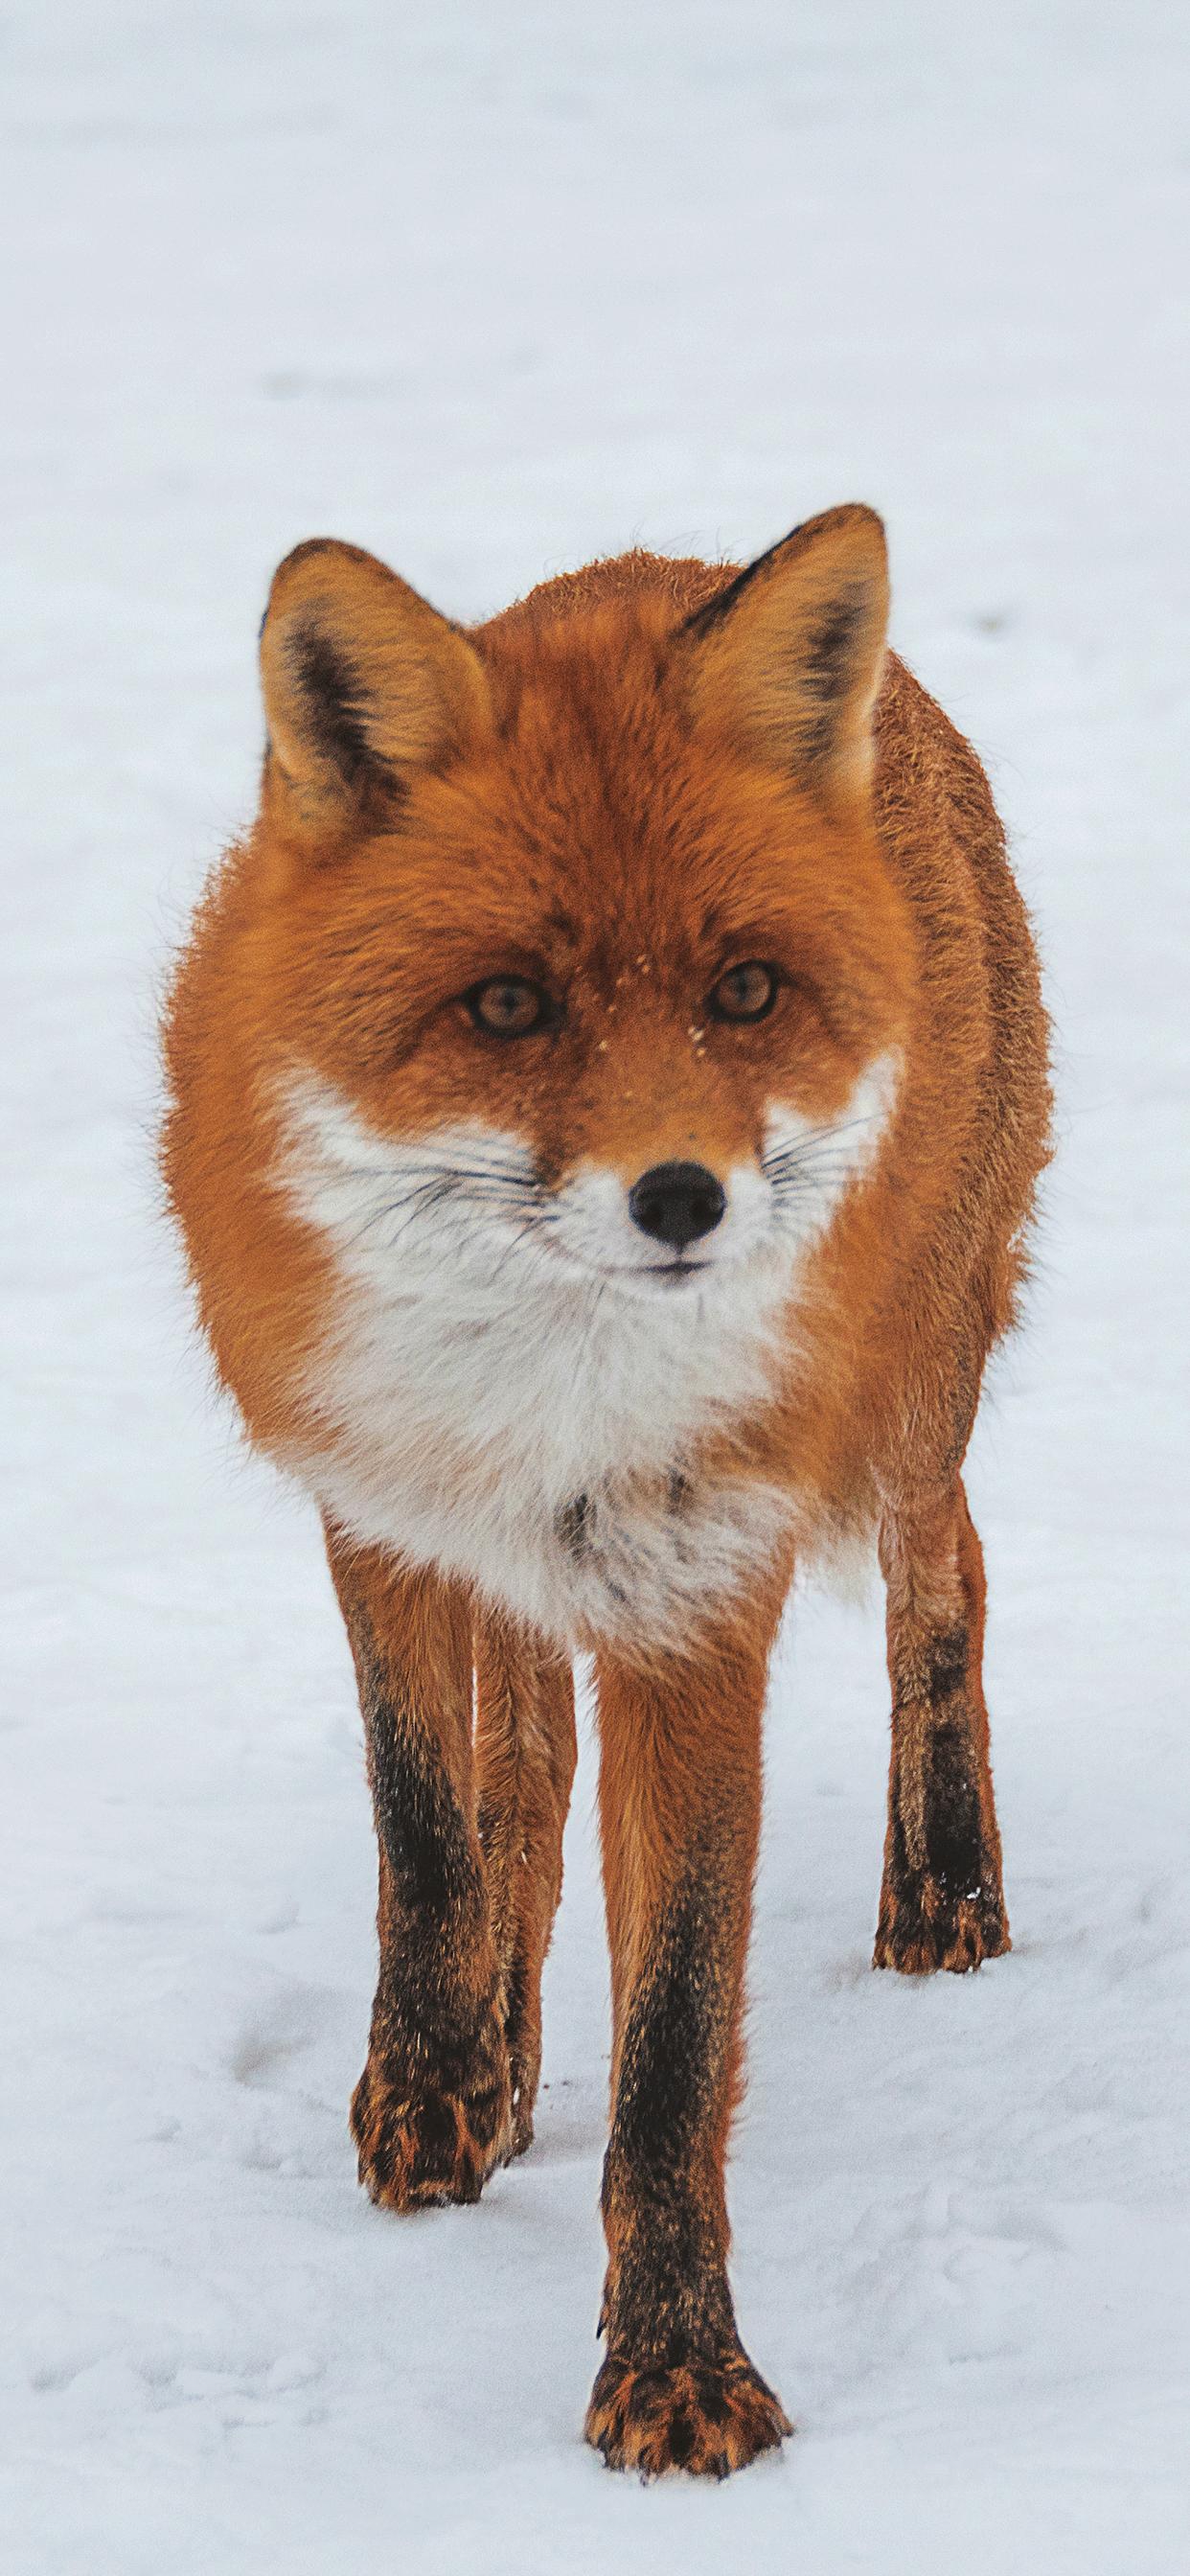 iPhone wallpaper fox ukraine Fox